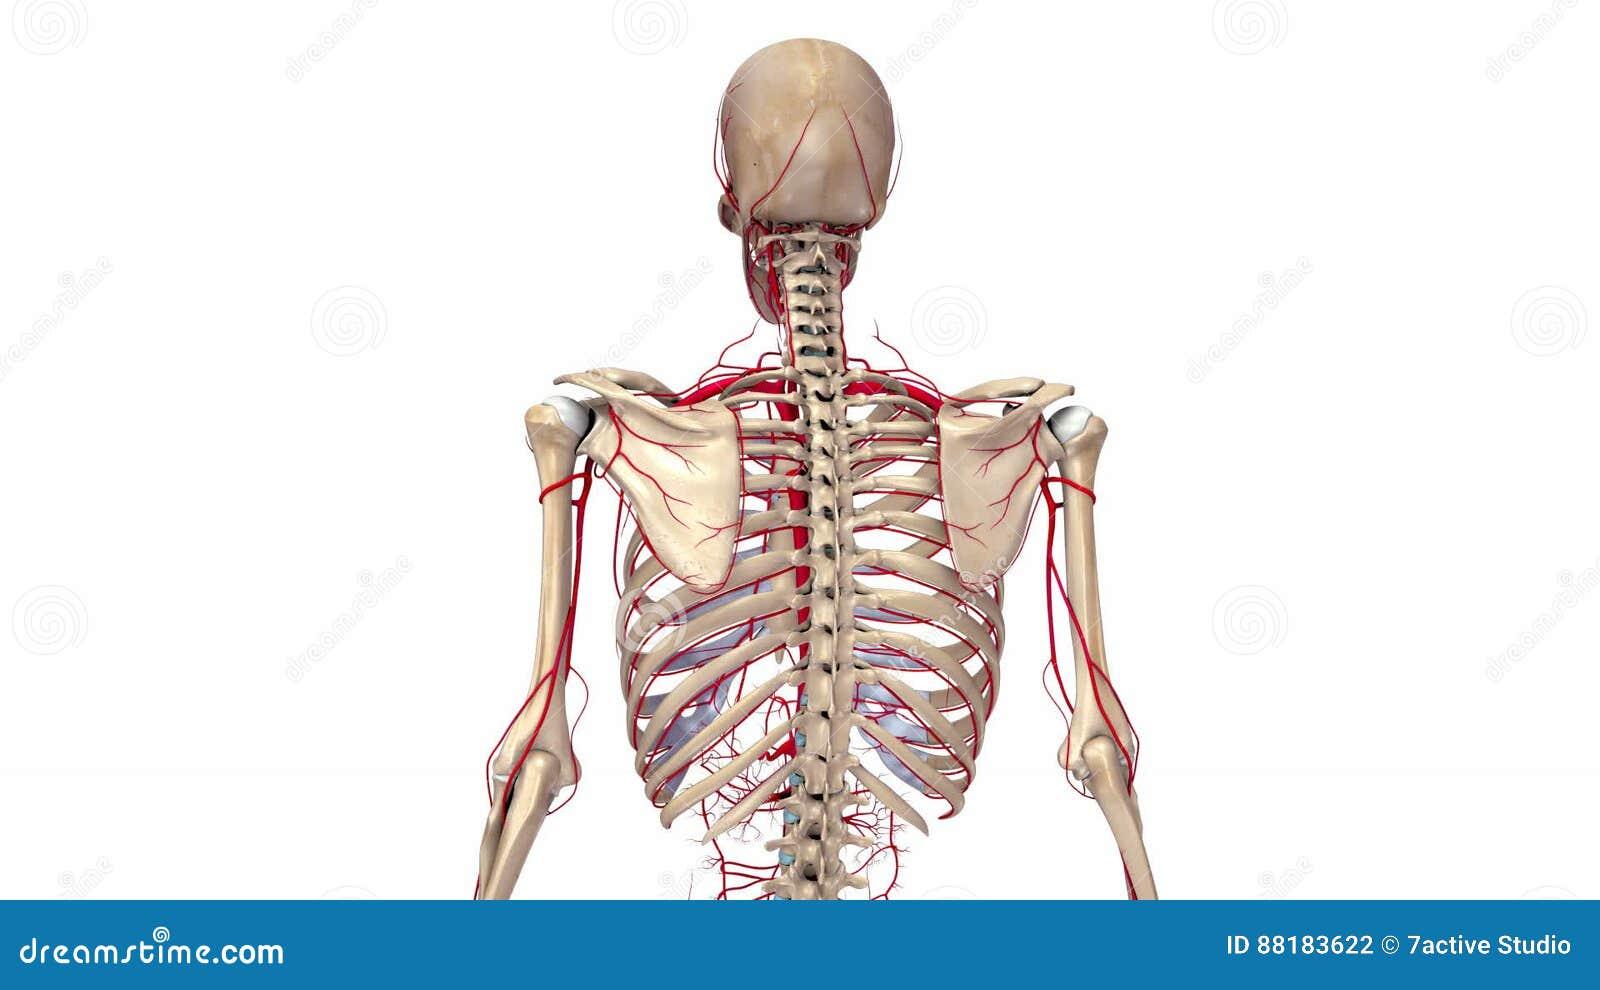 Wunderbar Menschliches Skelett Knochen Ideen - Menschliche Anatomie ...